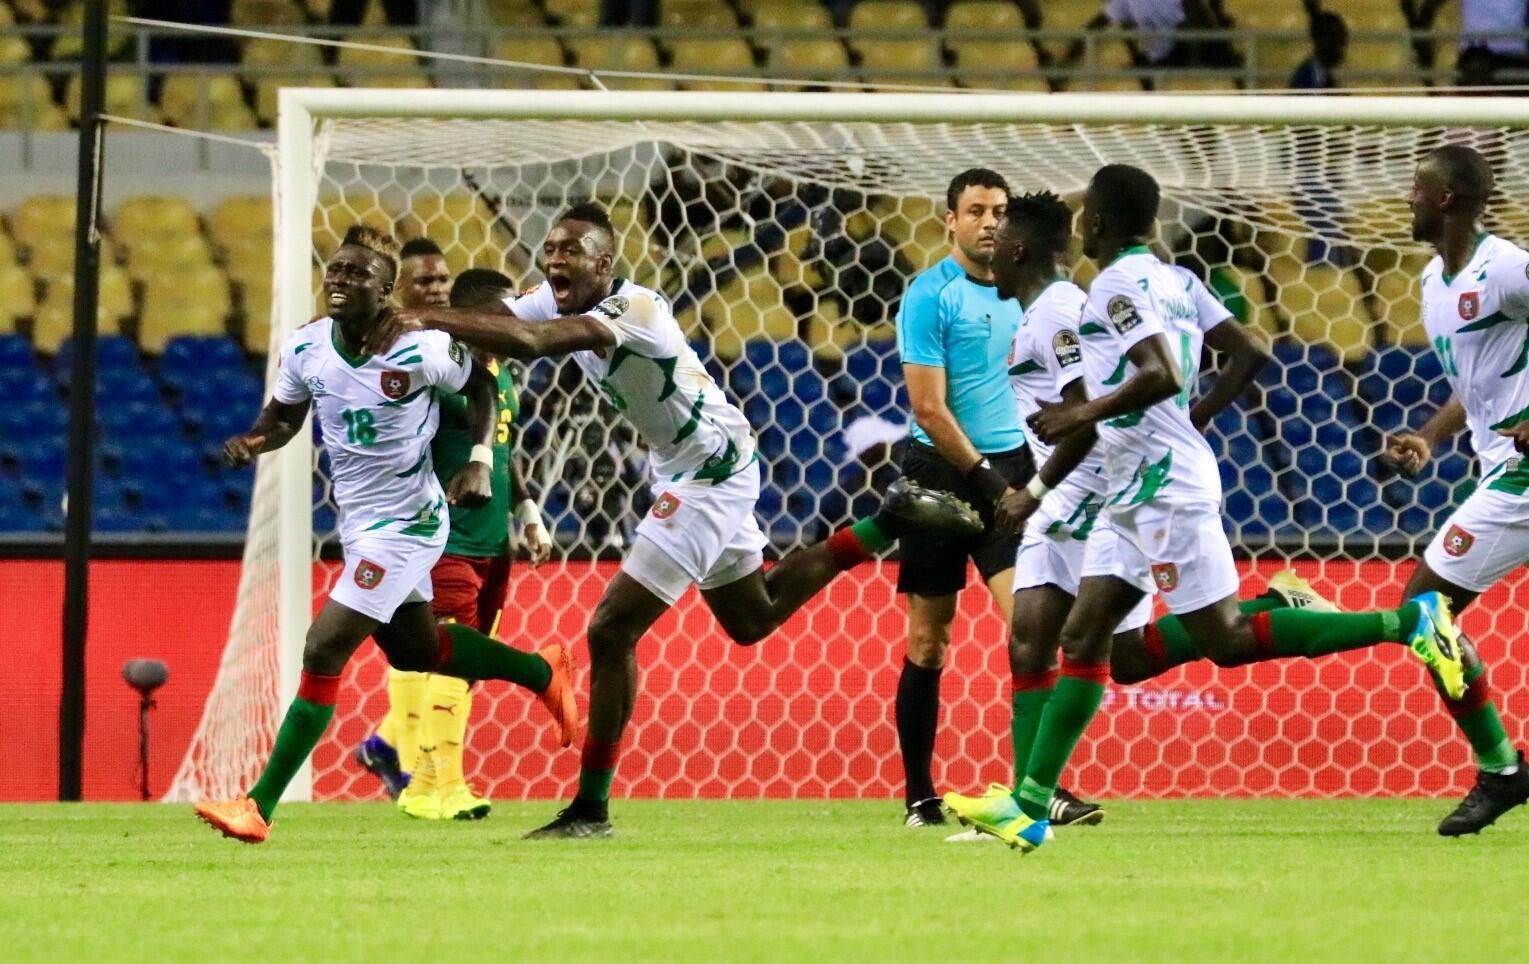 Piqueti, avançado dos Djurtus com a camisola n°18, marcou o golo da Guiné-Bissau frente aos Camarões.